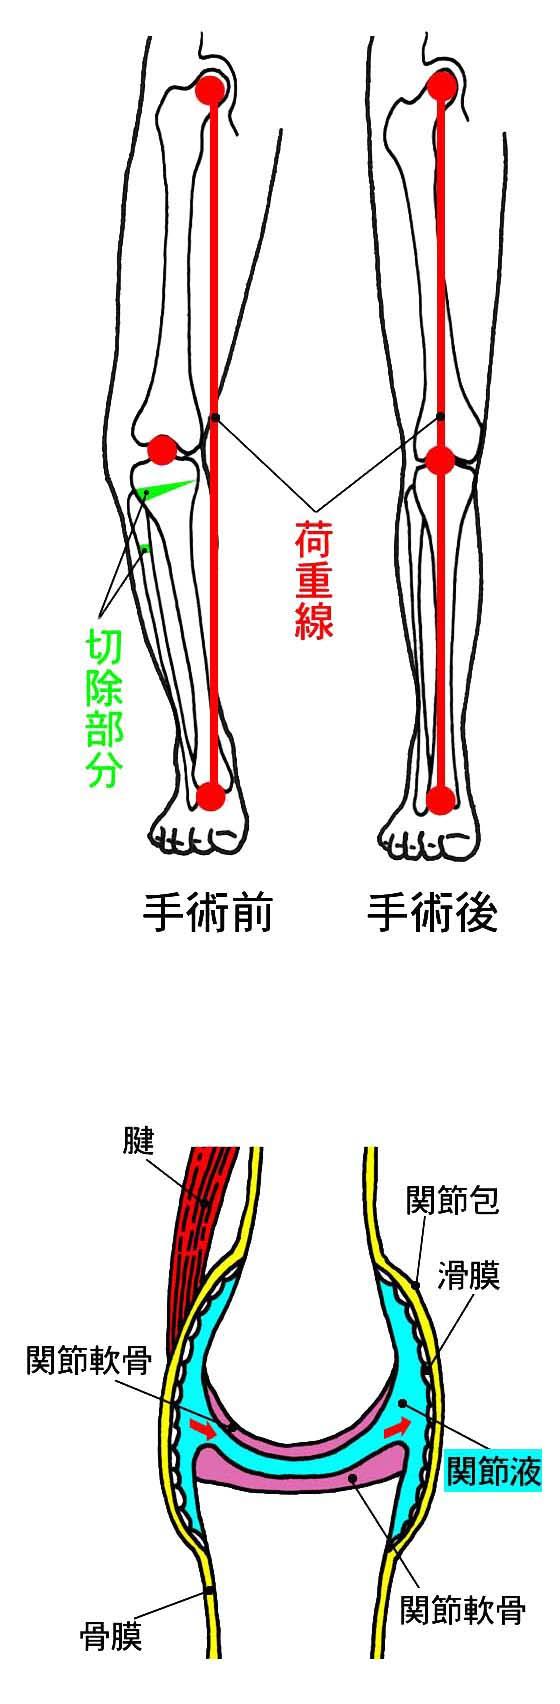 症 膝 し 性 関節 て こと 変形 は いけない